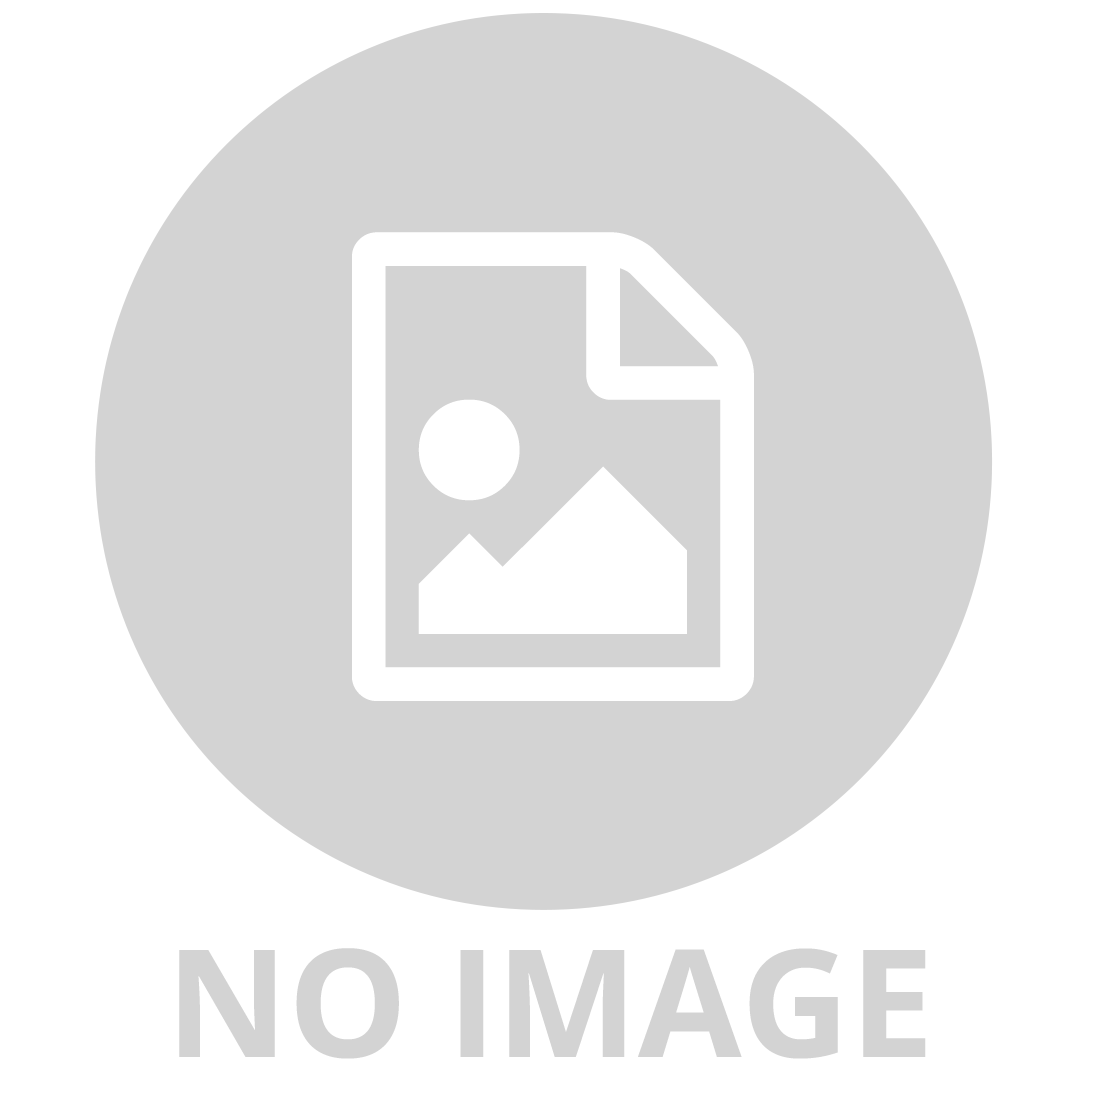 THE BRAIN TRAIN